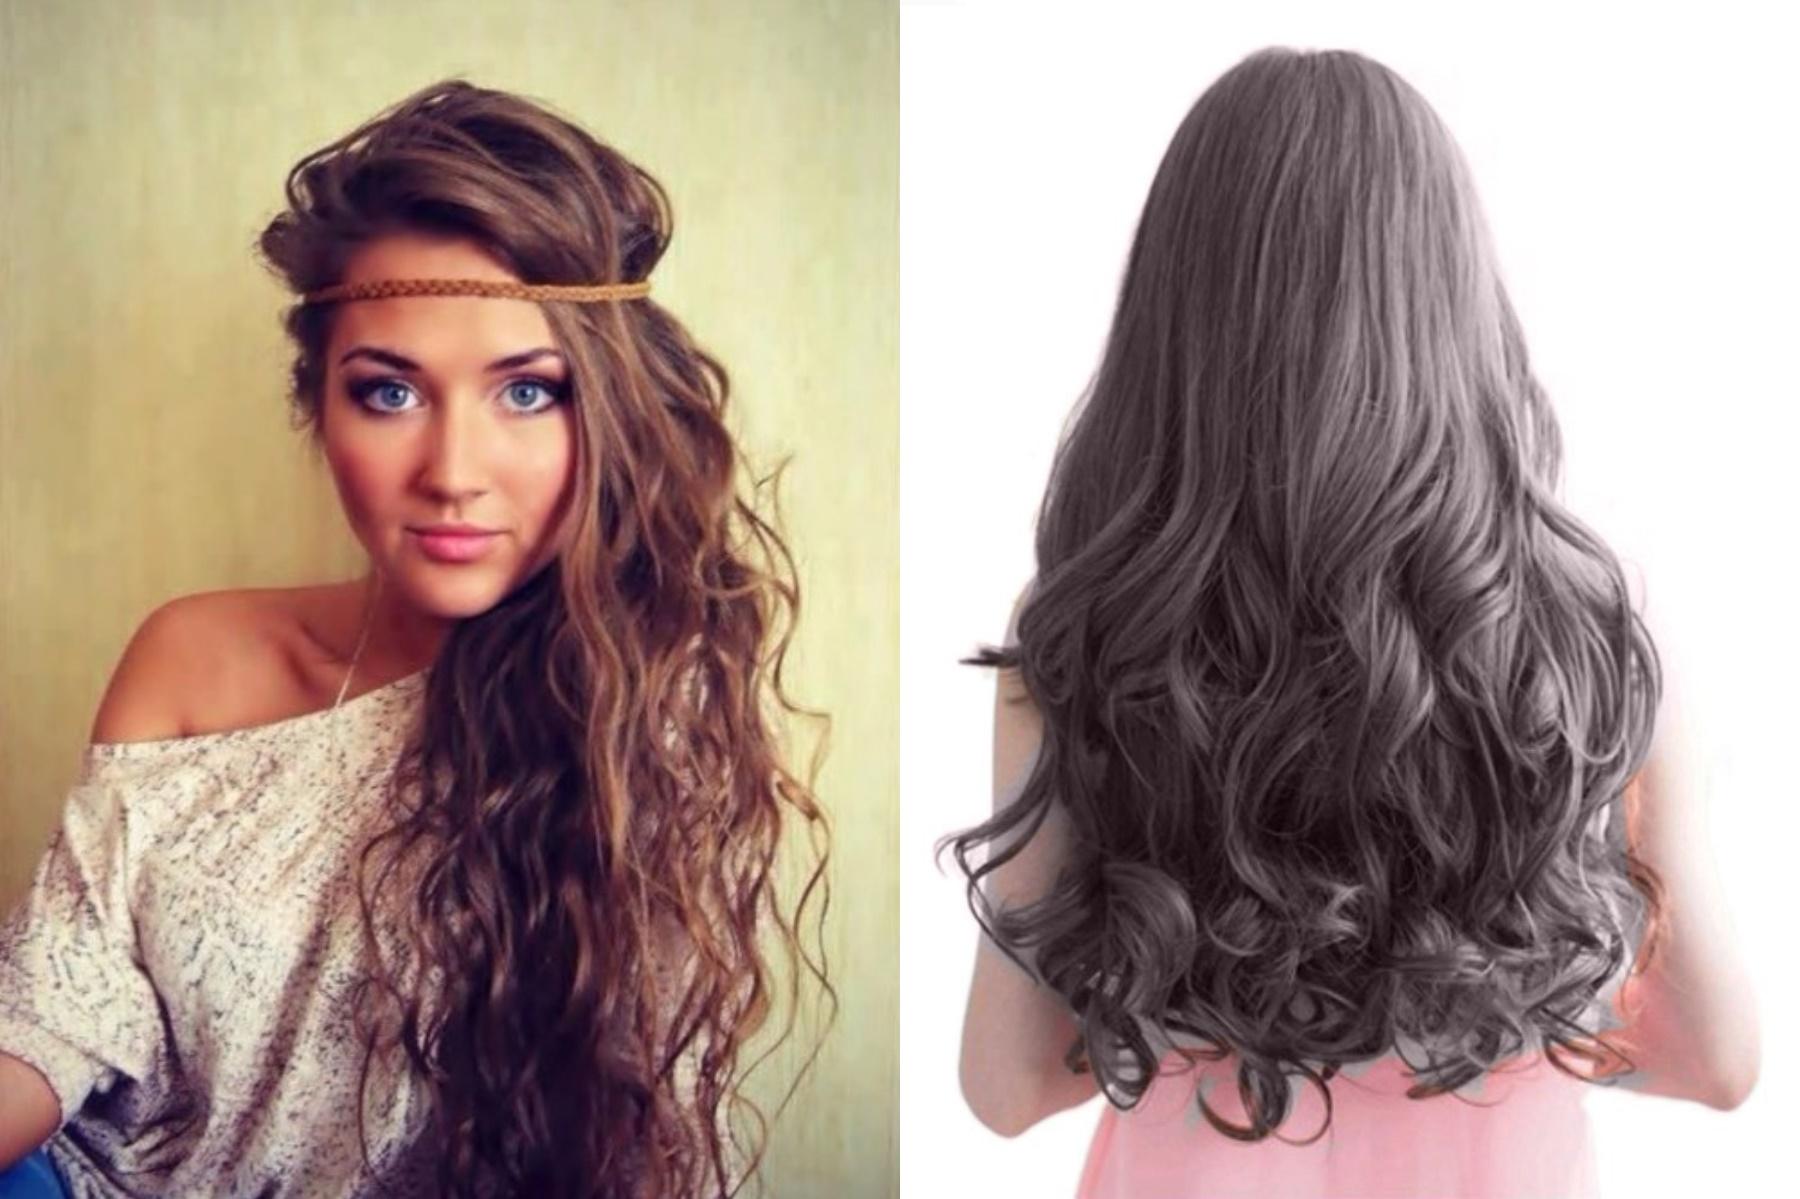 временем появилась накрученные волосы длинные фото на всю длину используются для